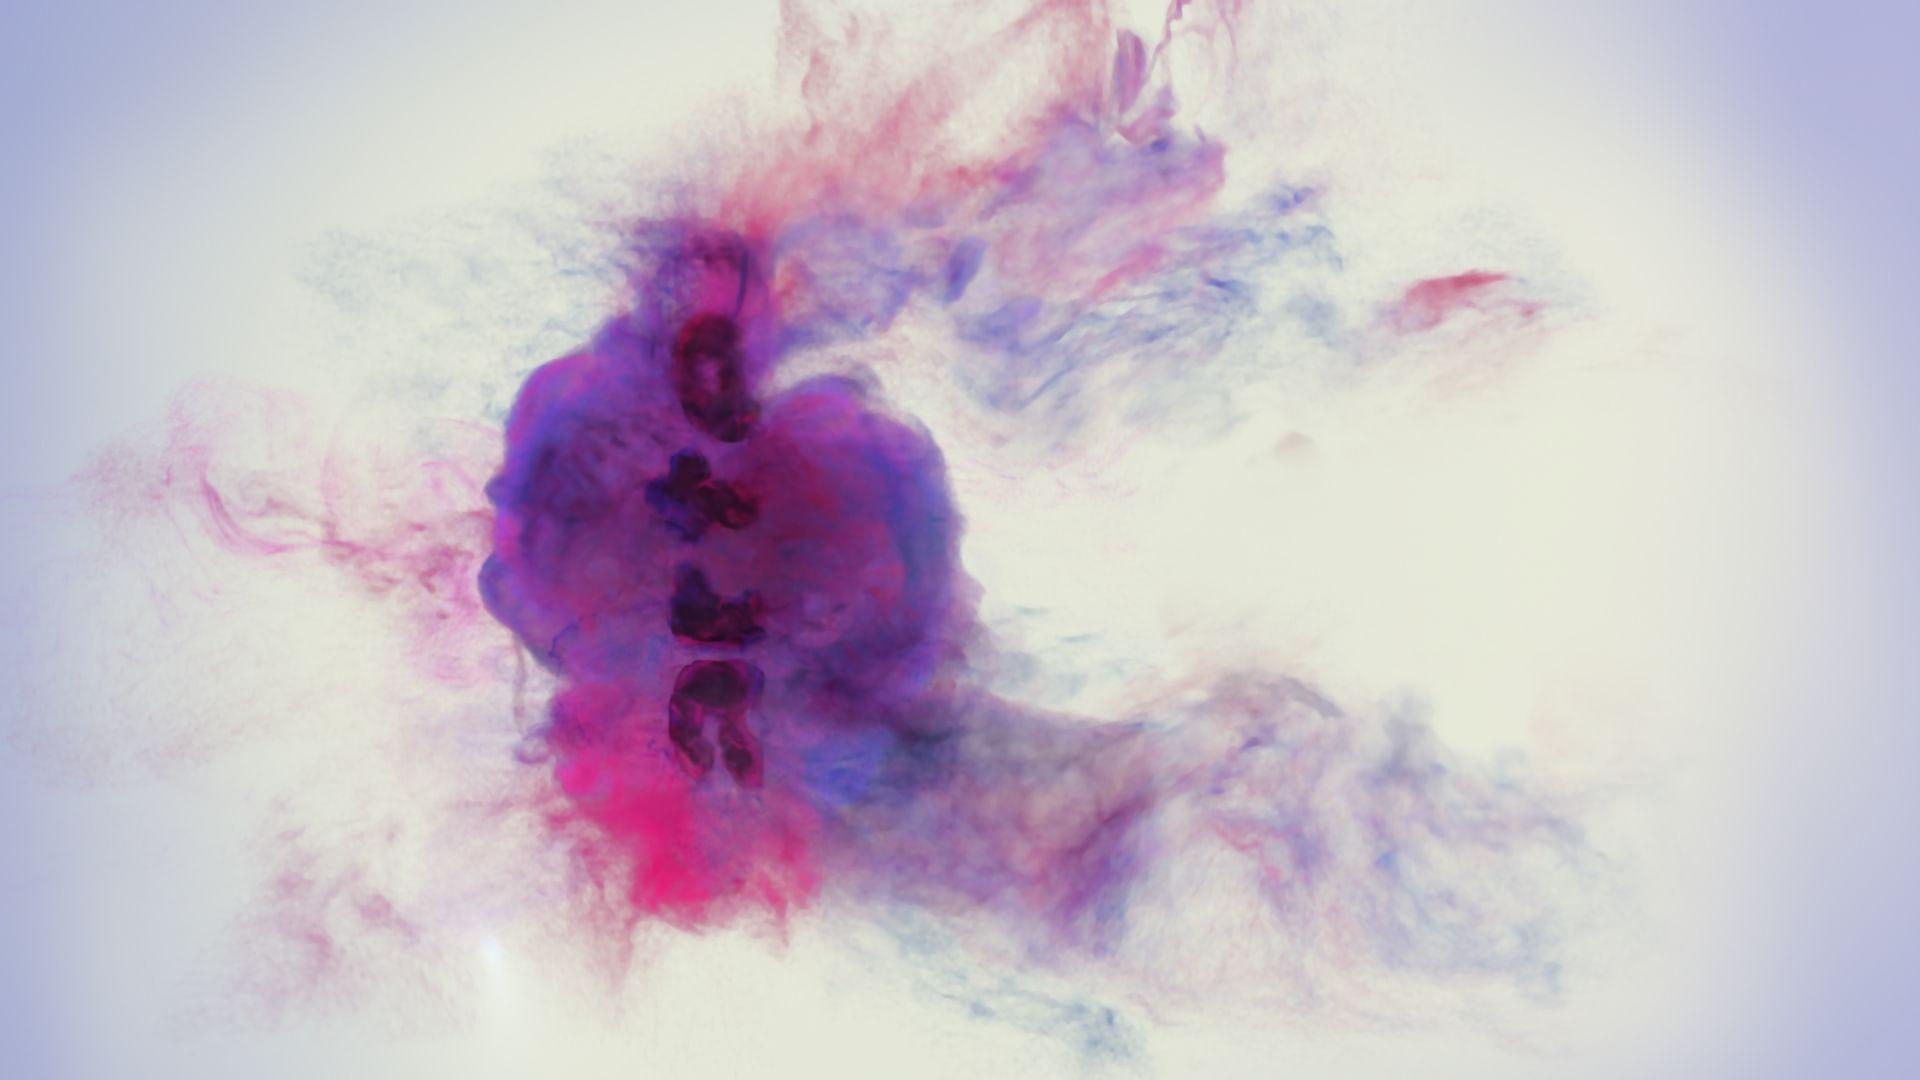 Rasés, arrachés, électrocutés, flashés ou photoshopés, tout est fait pour rendre nos poils invisibles. La publicité, la mode, le cinéma matraquent à tout va. Et vous, saurez-vous résister aux diktats du lisse ?